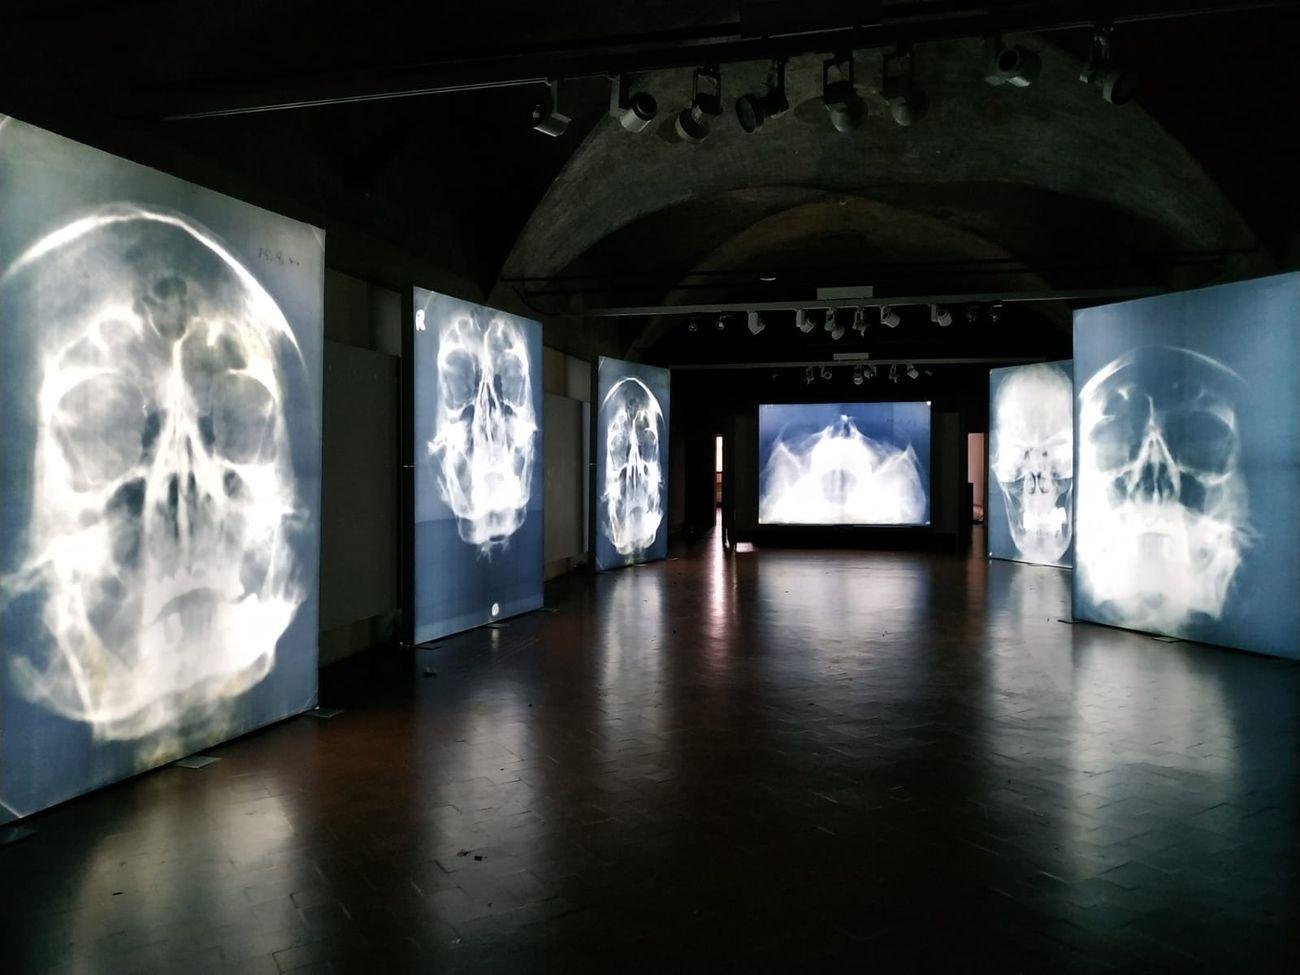 Antonello Fresu. Der Körper. Installation view at Palazzo dei Pio, Carpi 2019